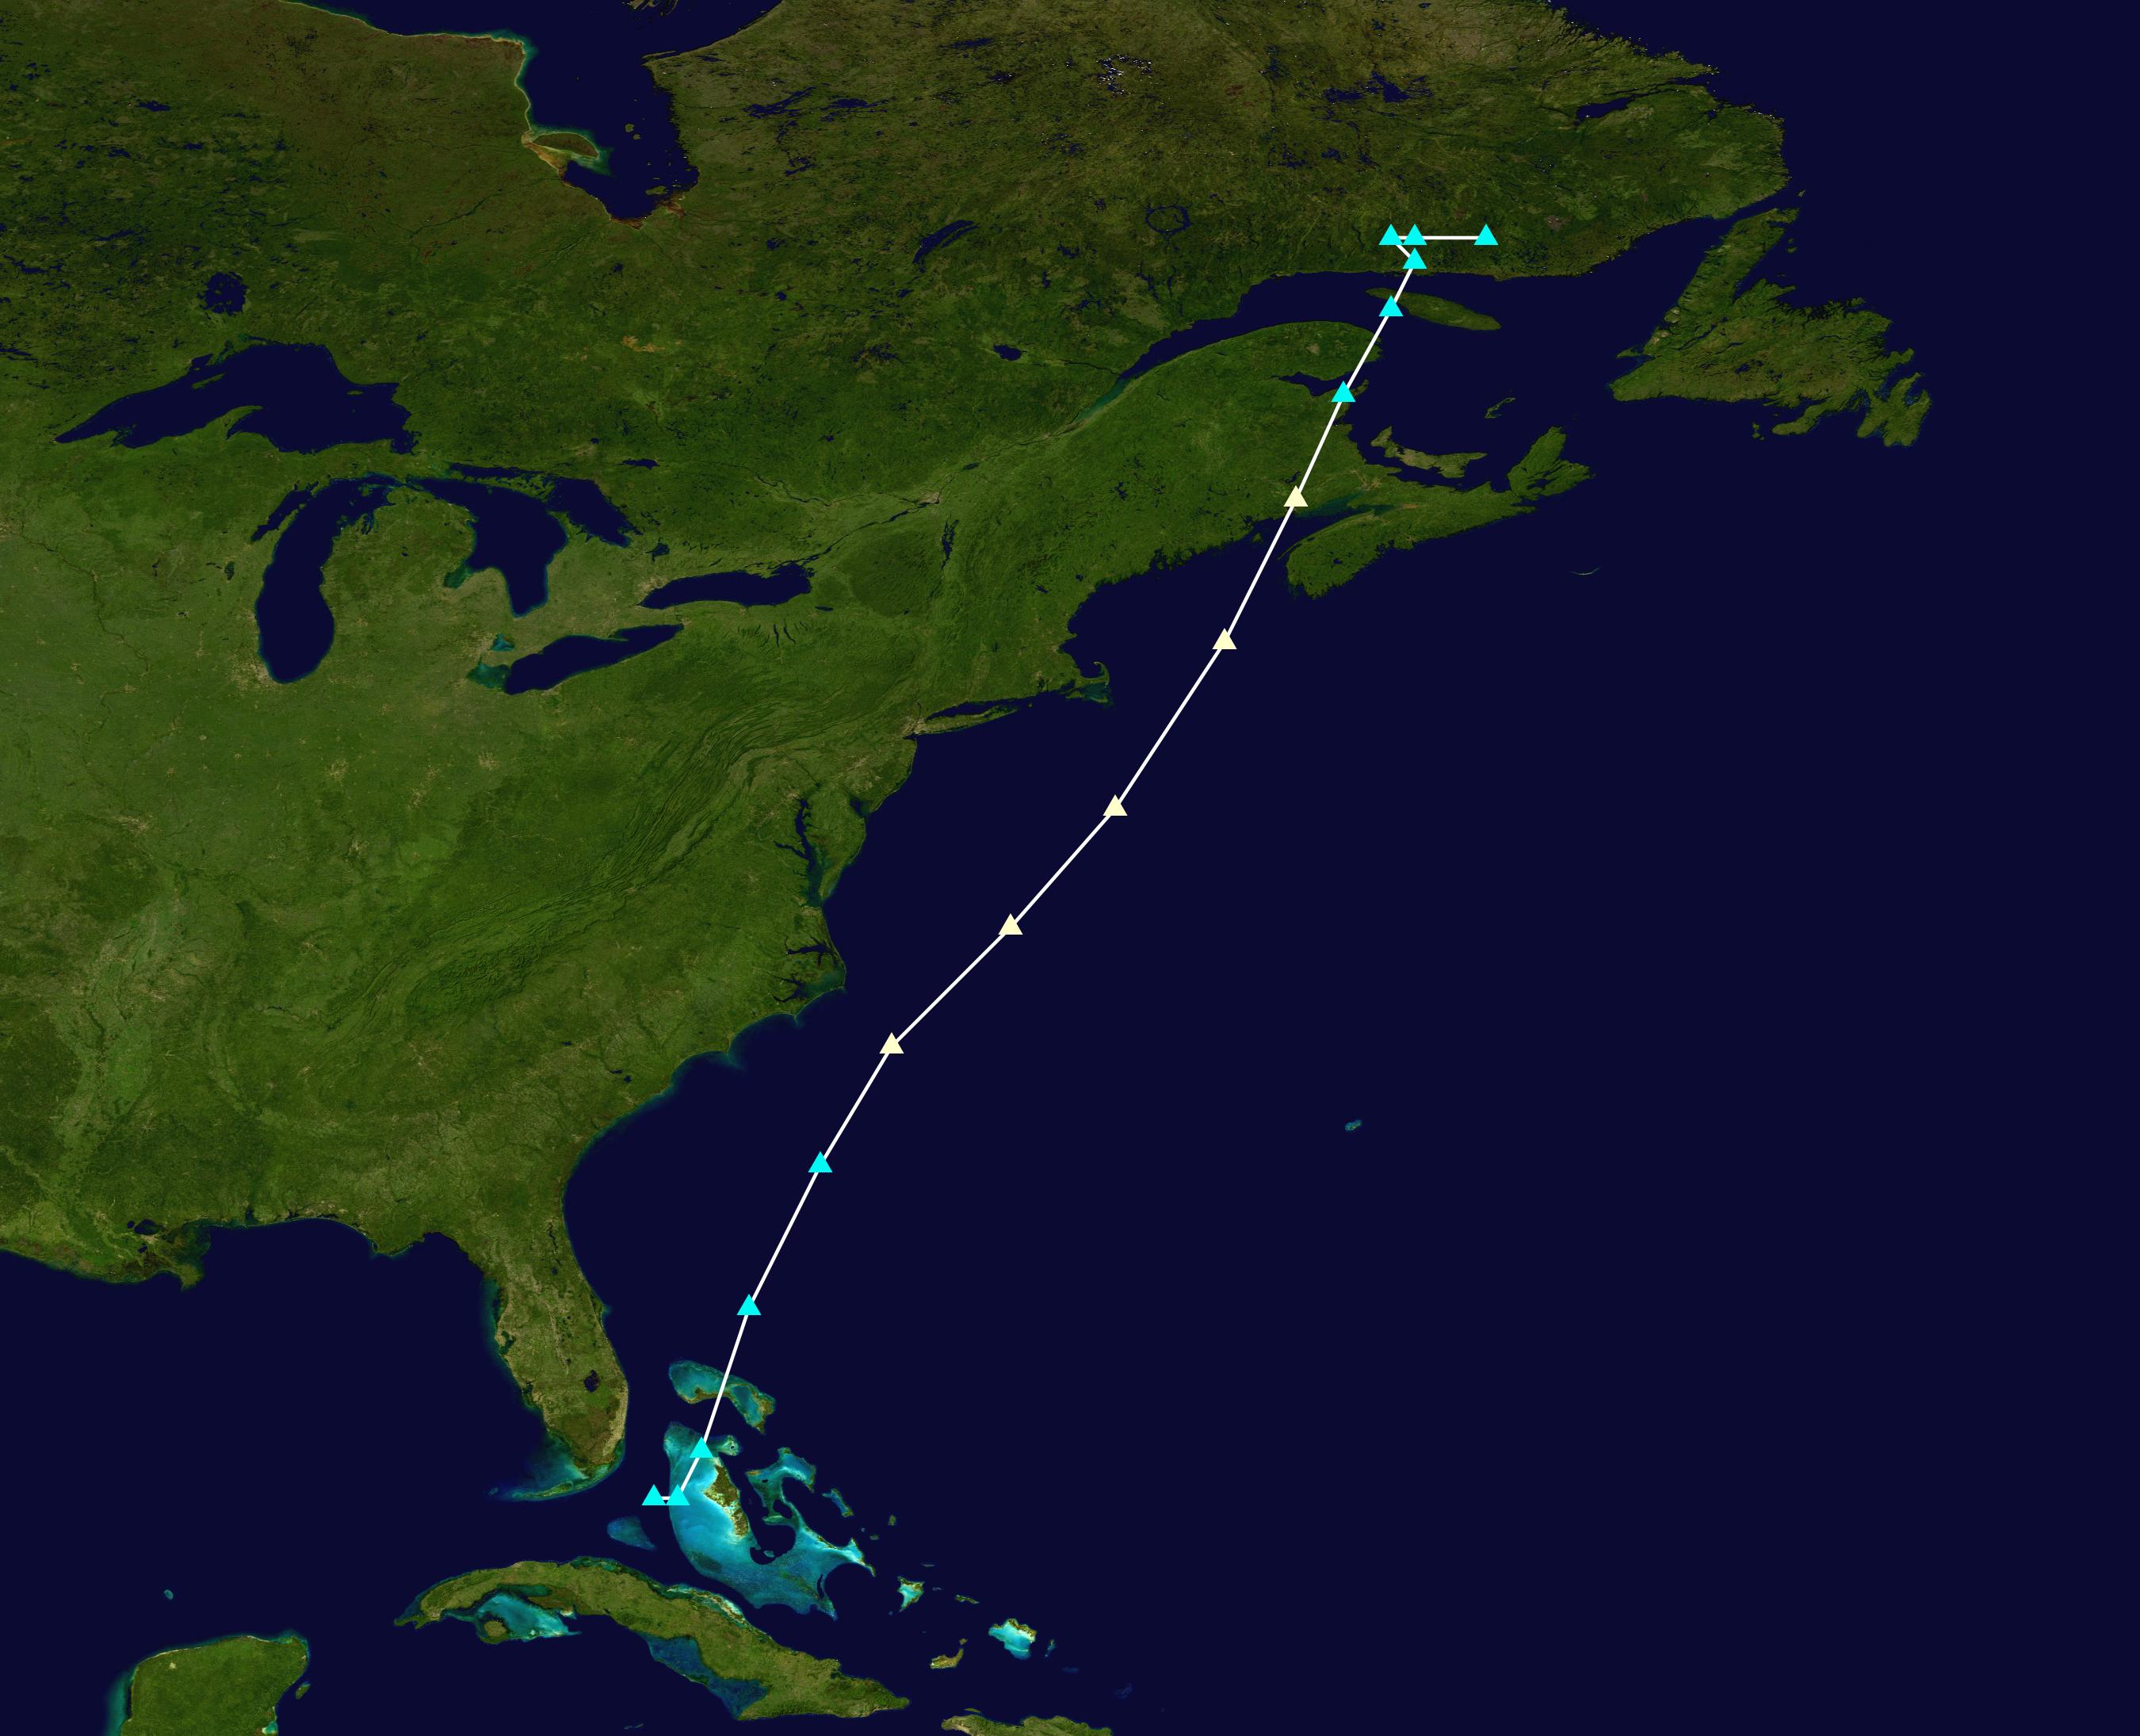 January 2018 North American blizzard - Wikipedia